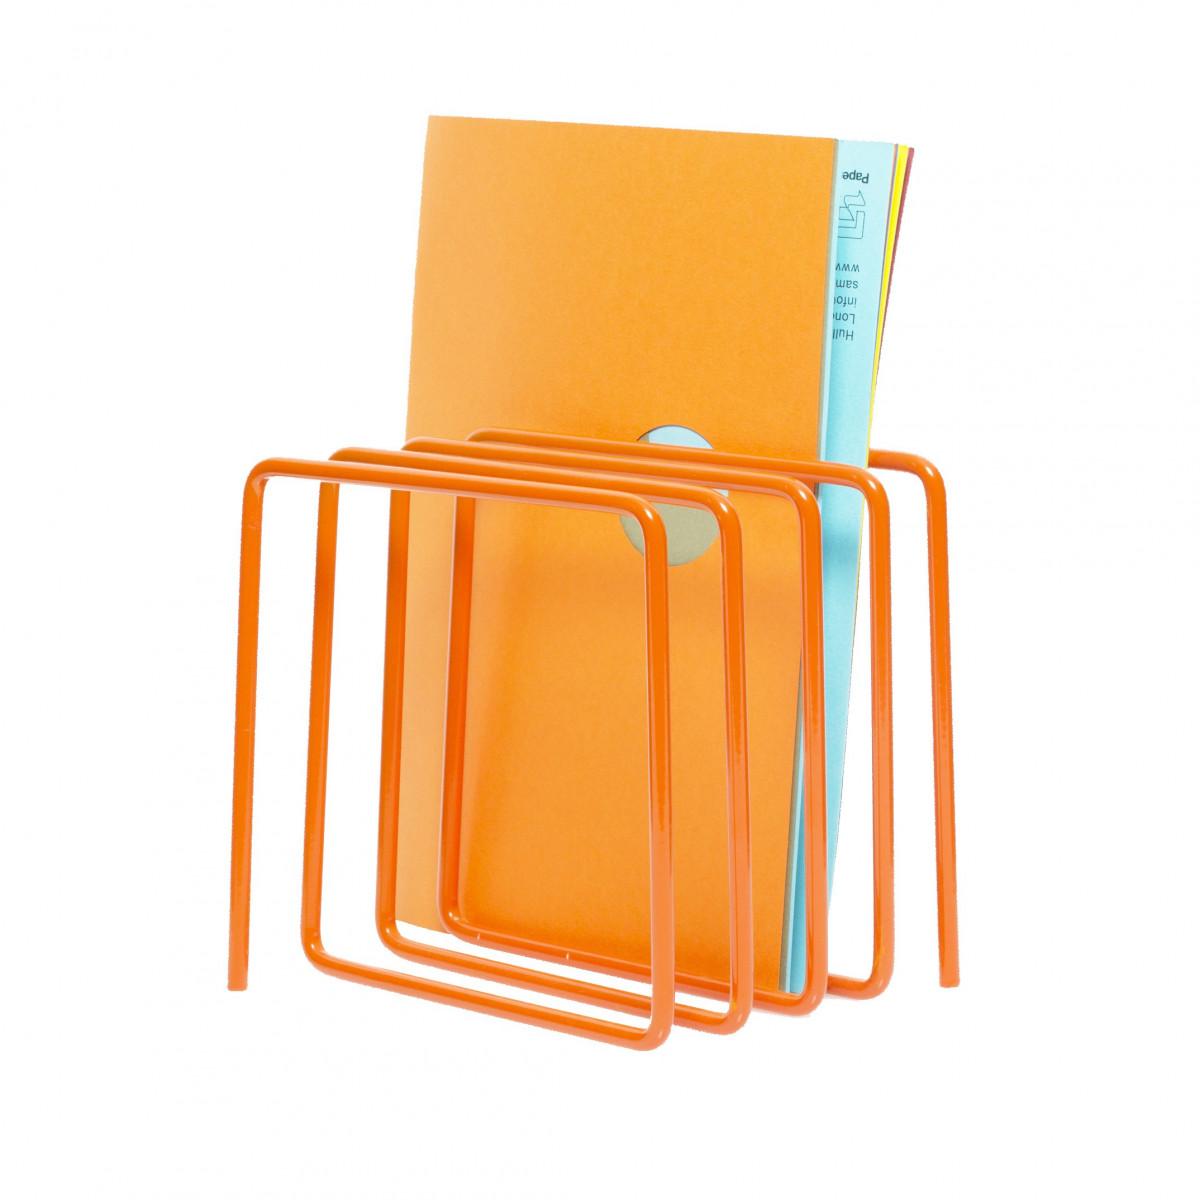 Range courrier porte revues design orange - Porte revues en bois ...